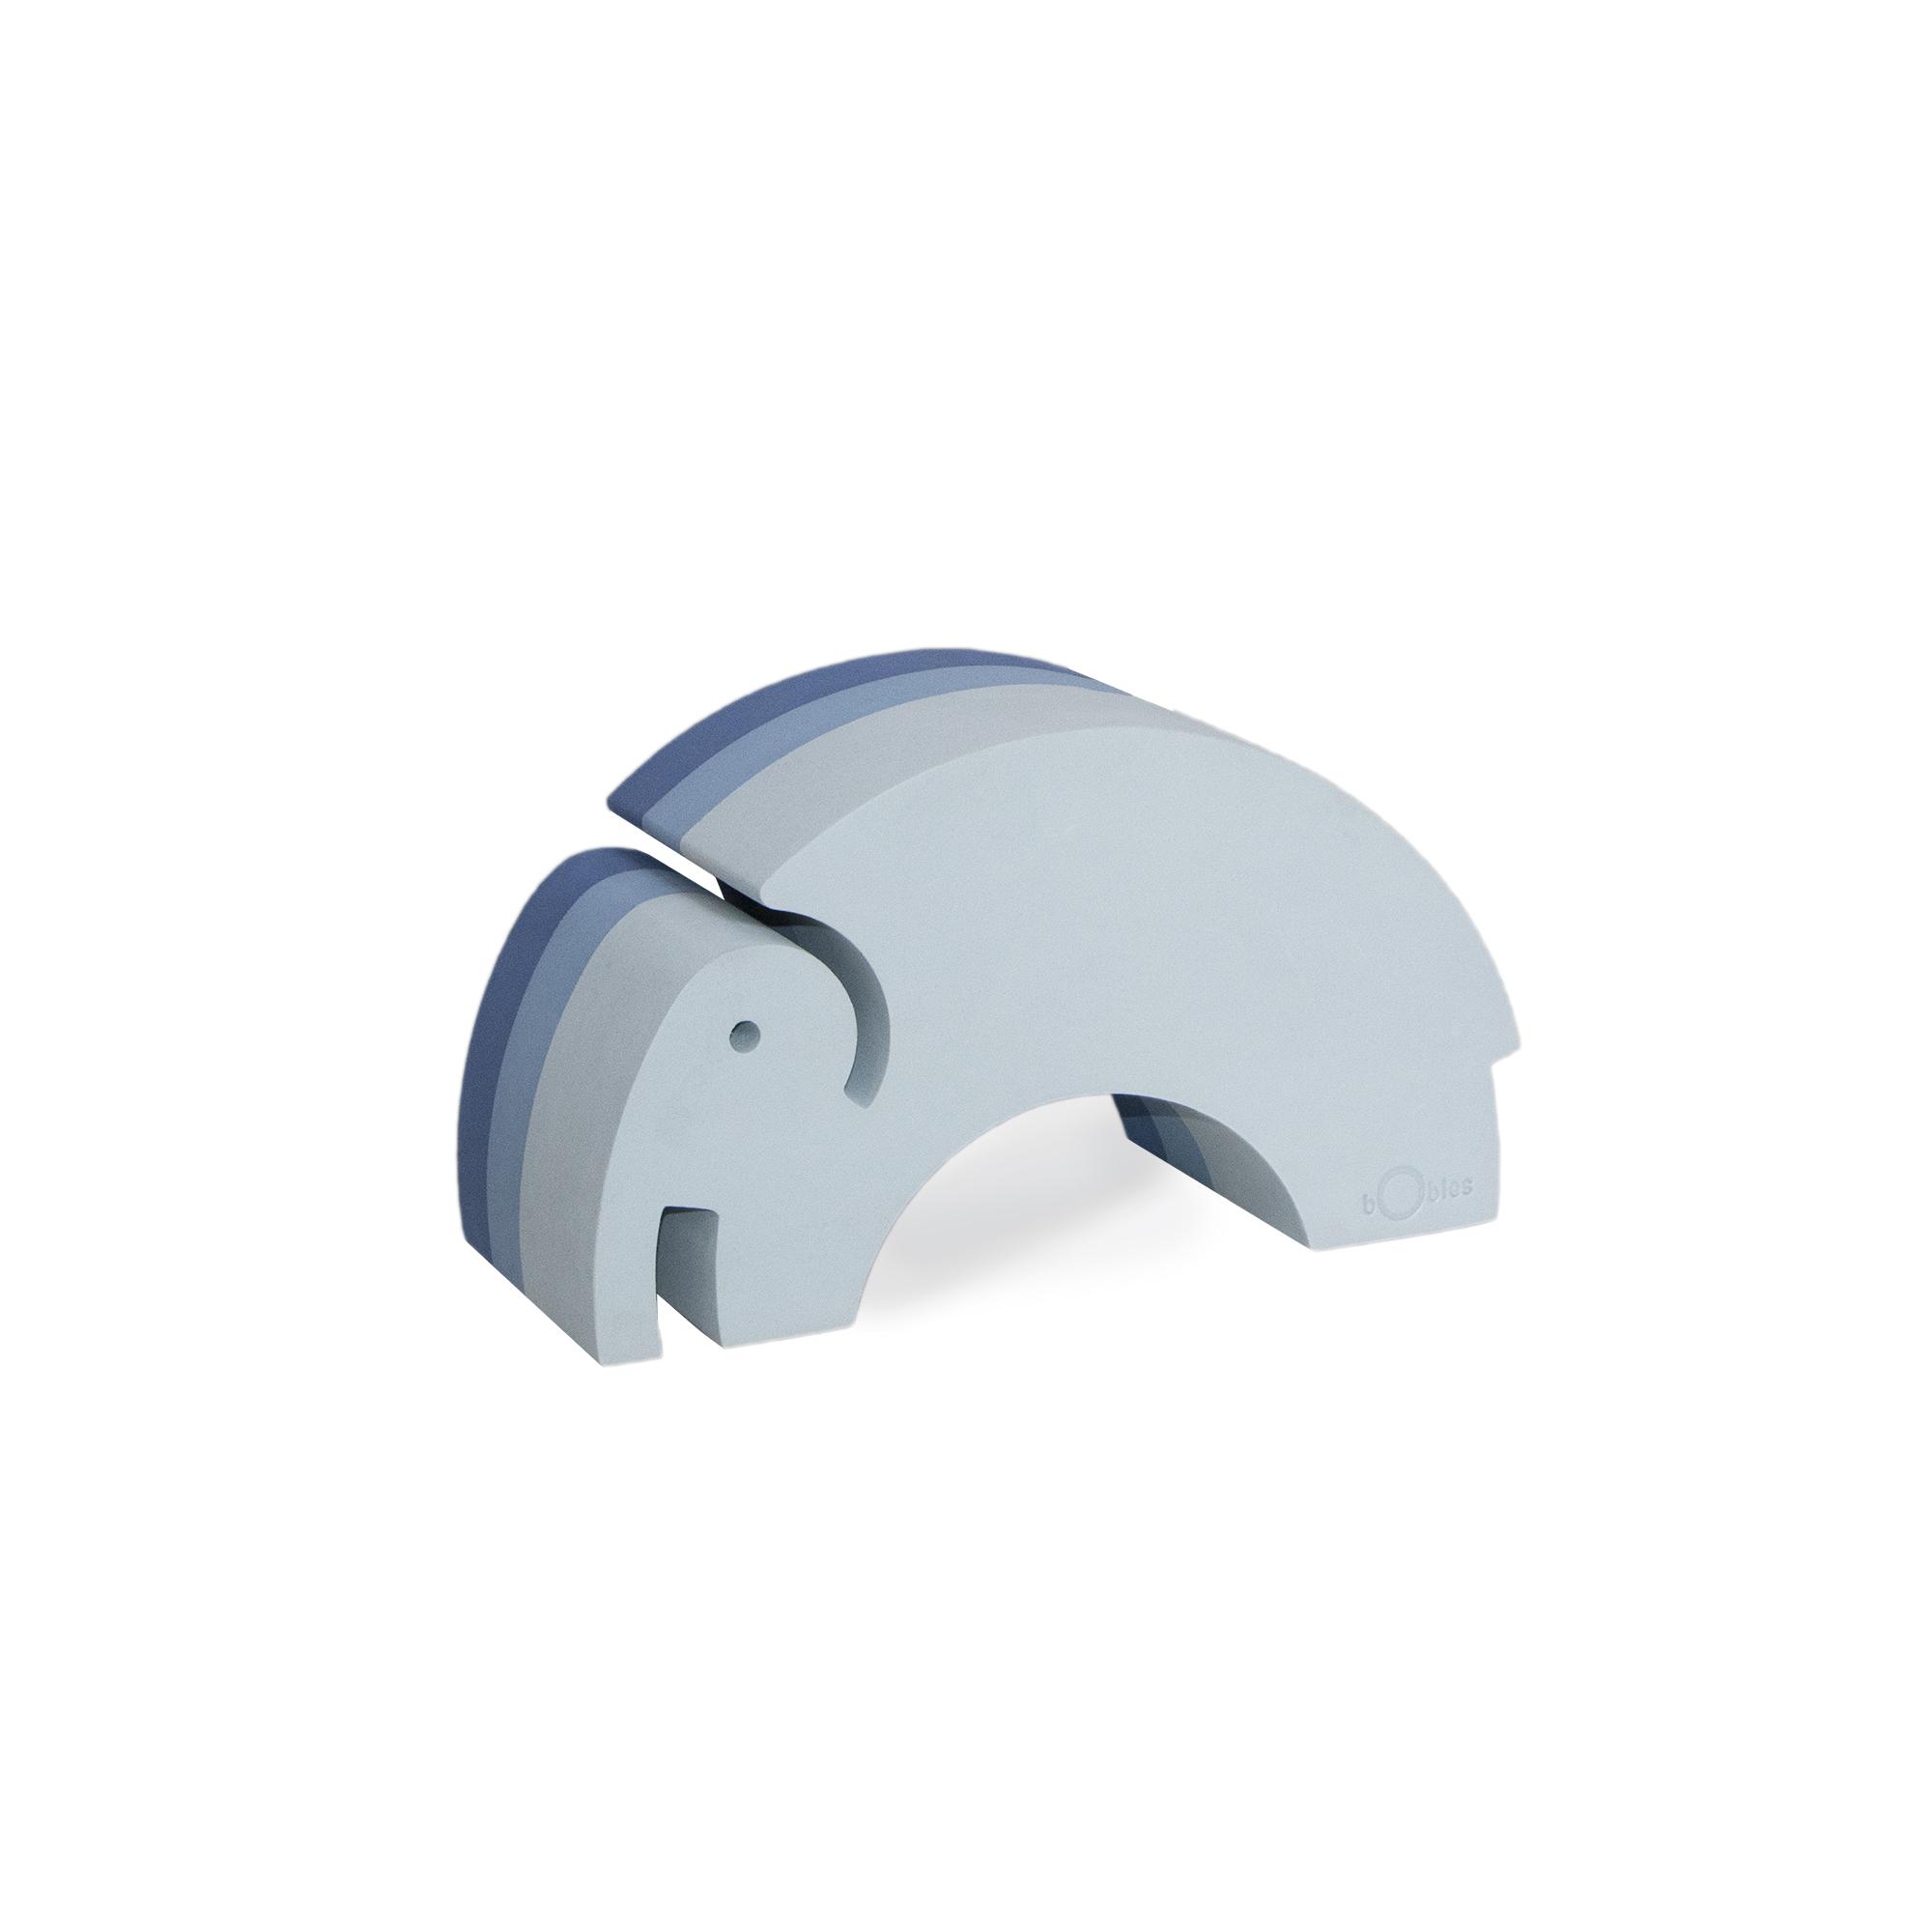 bObles - Medium Elephant, Blue